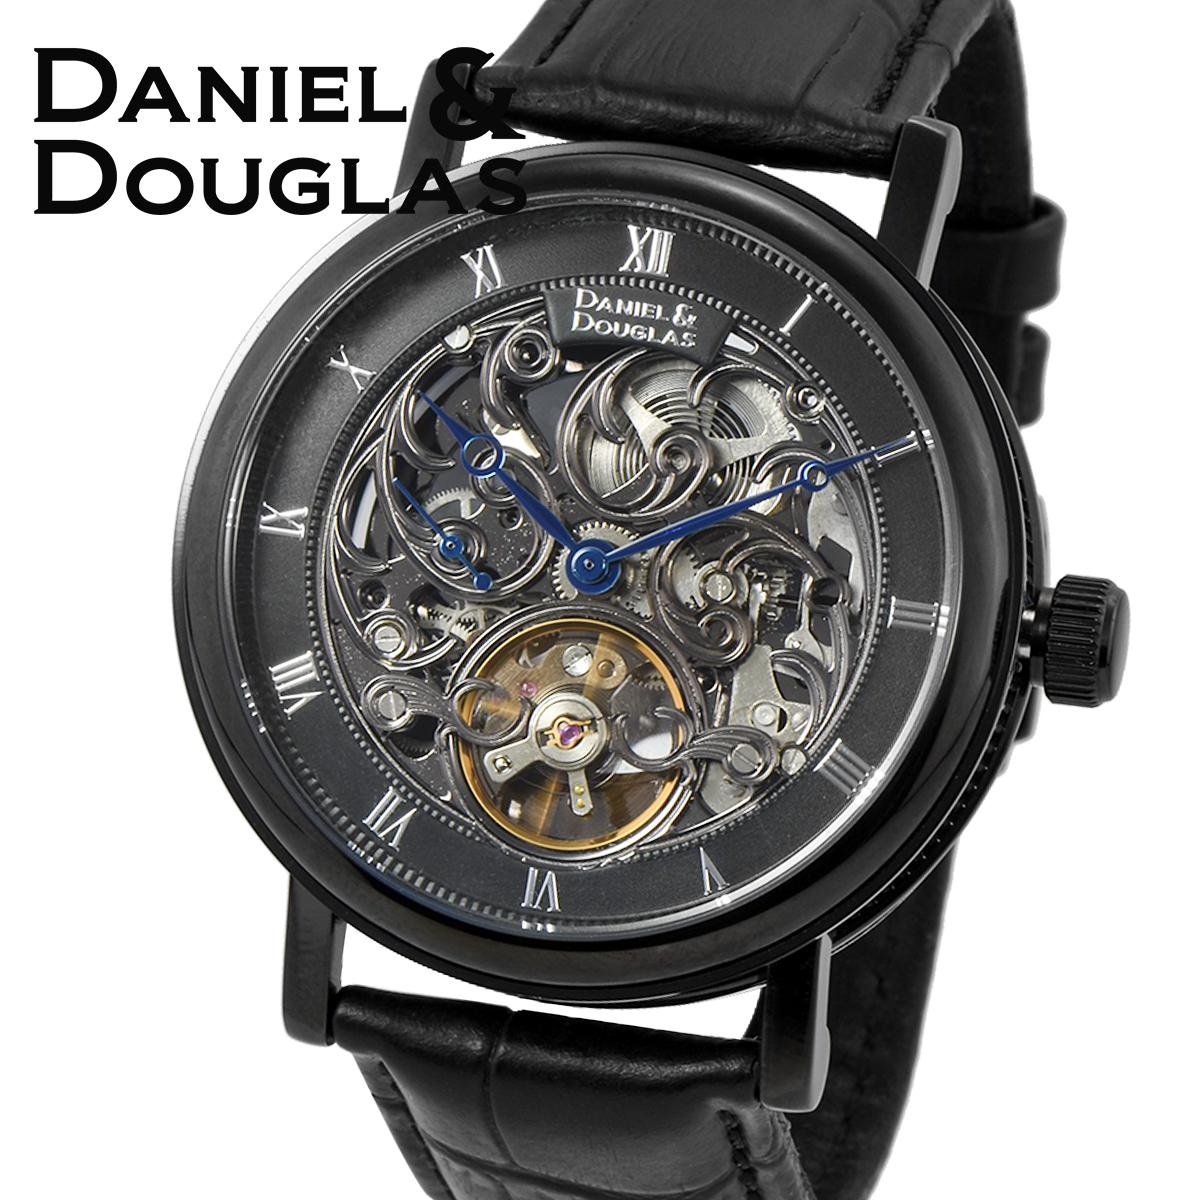 ダニエルダグラス DANIEL&DOUGLAS ダニエル ダグラス DD8805-BK メンズ 時計 腕時計 自動巻き オートマチック スケルトン